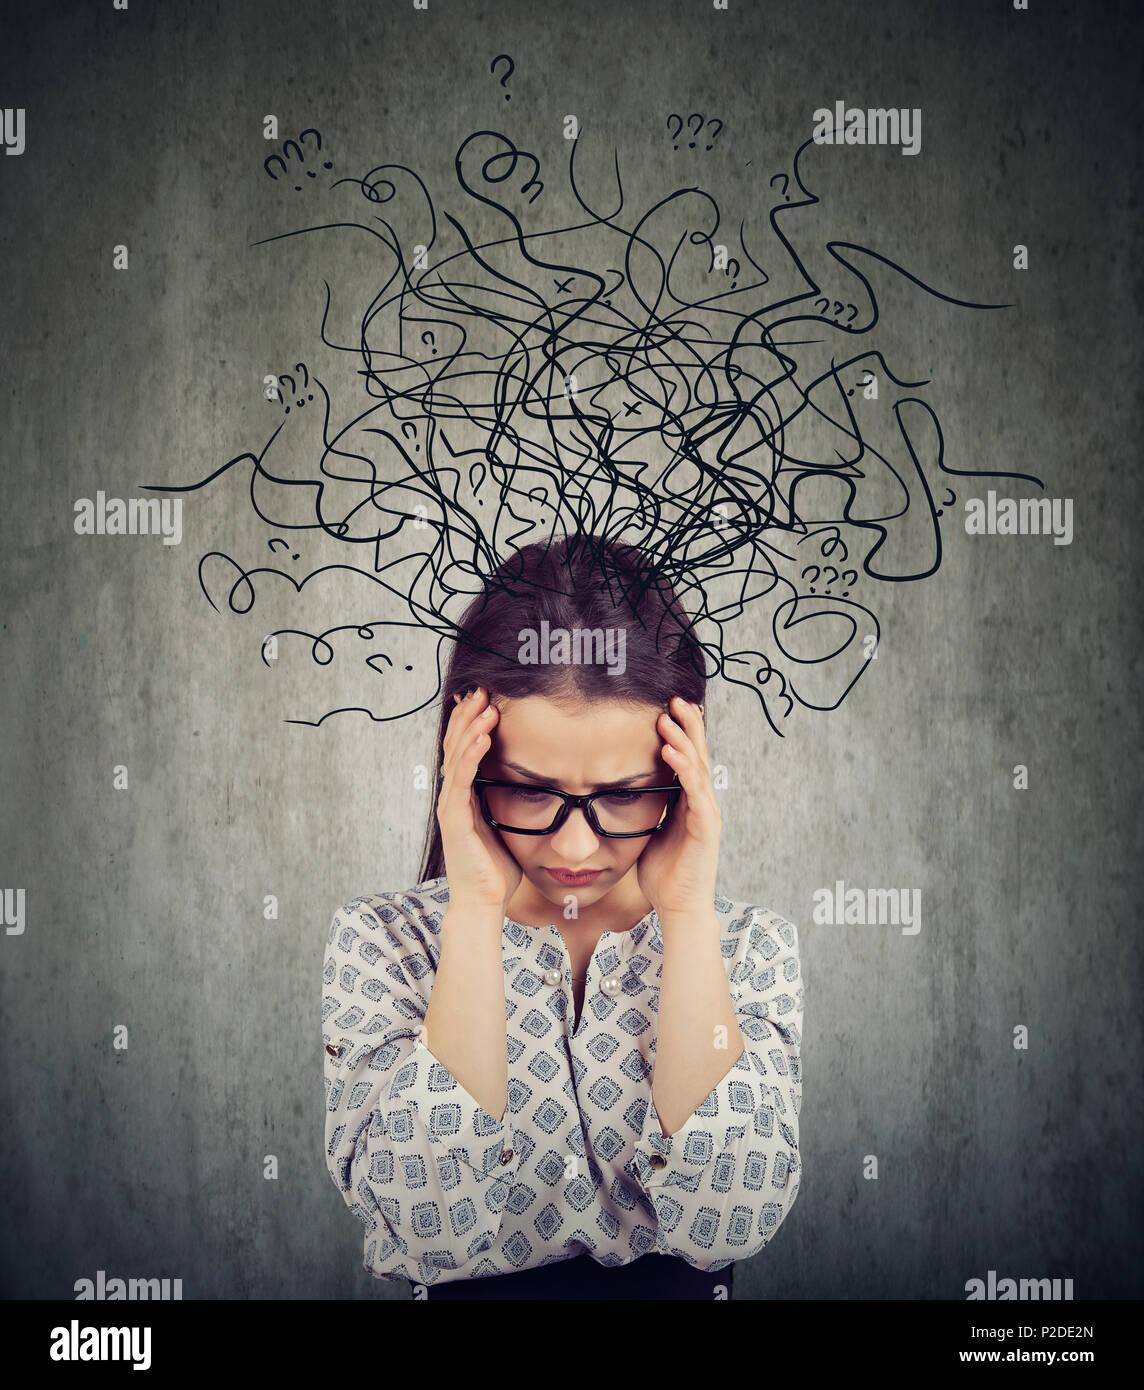 Chica con gafas que tengan problemas con la salud mental y busca en el caos profundo sobre fondo gris Foto de stock